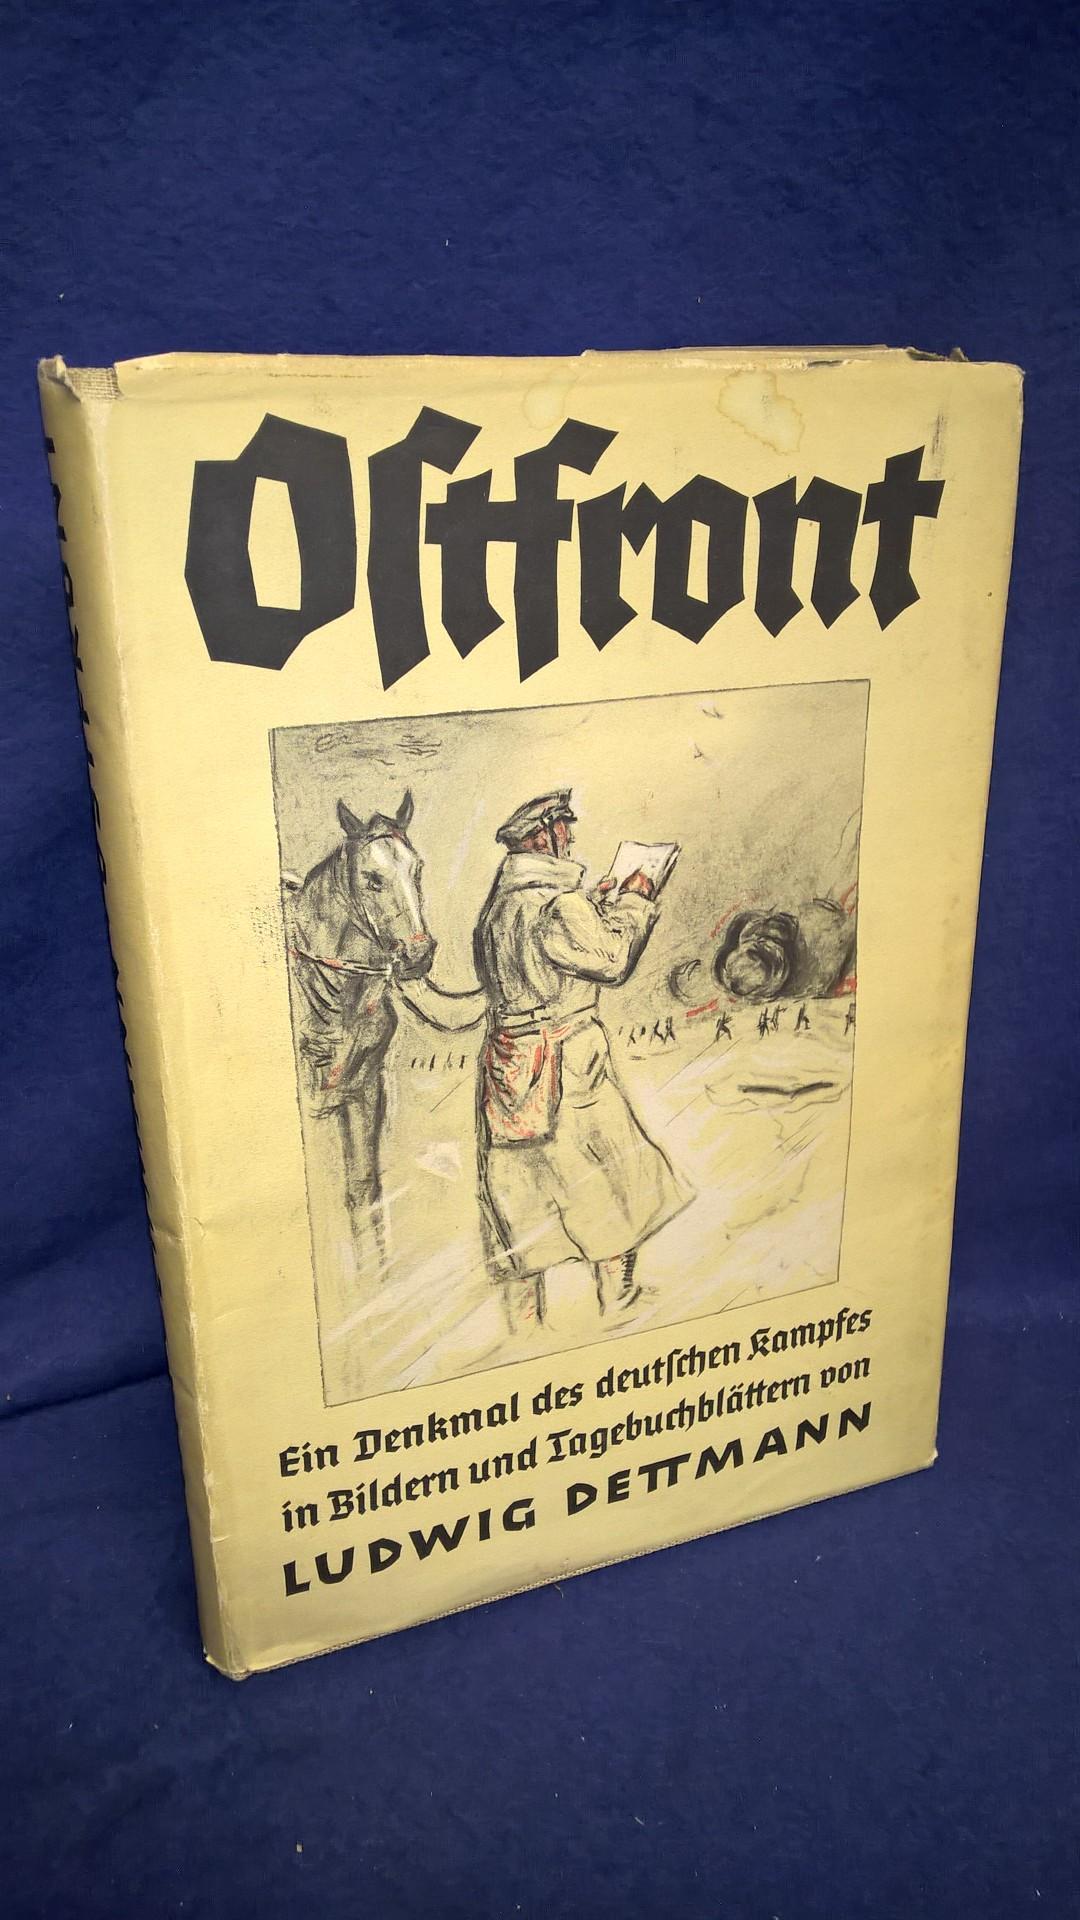 Ostfront - Ein Denkmal des deutschen Kampfes in Bildern und Tagebuchblättern